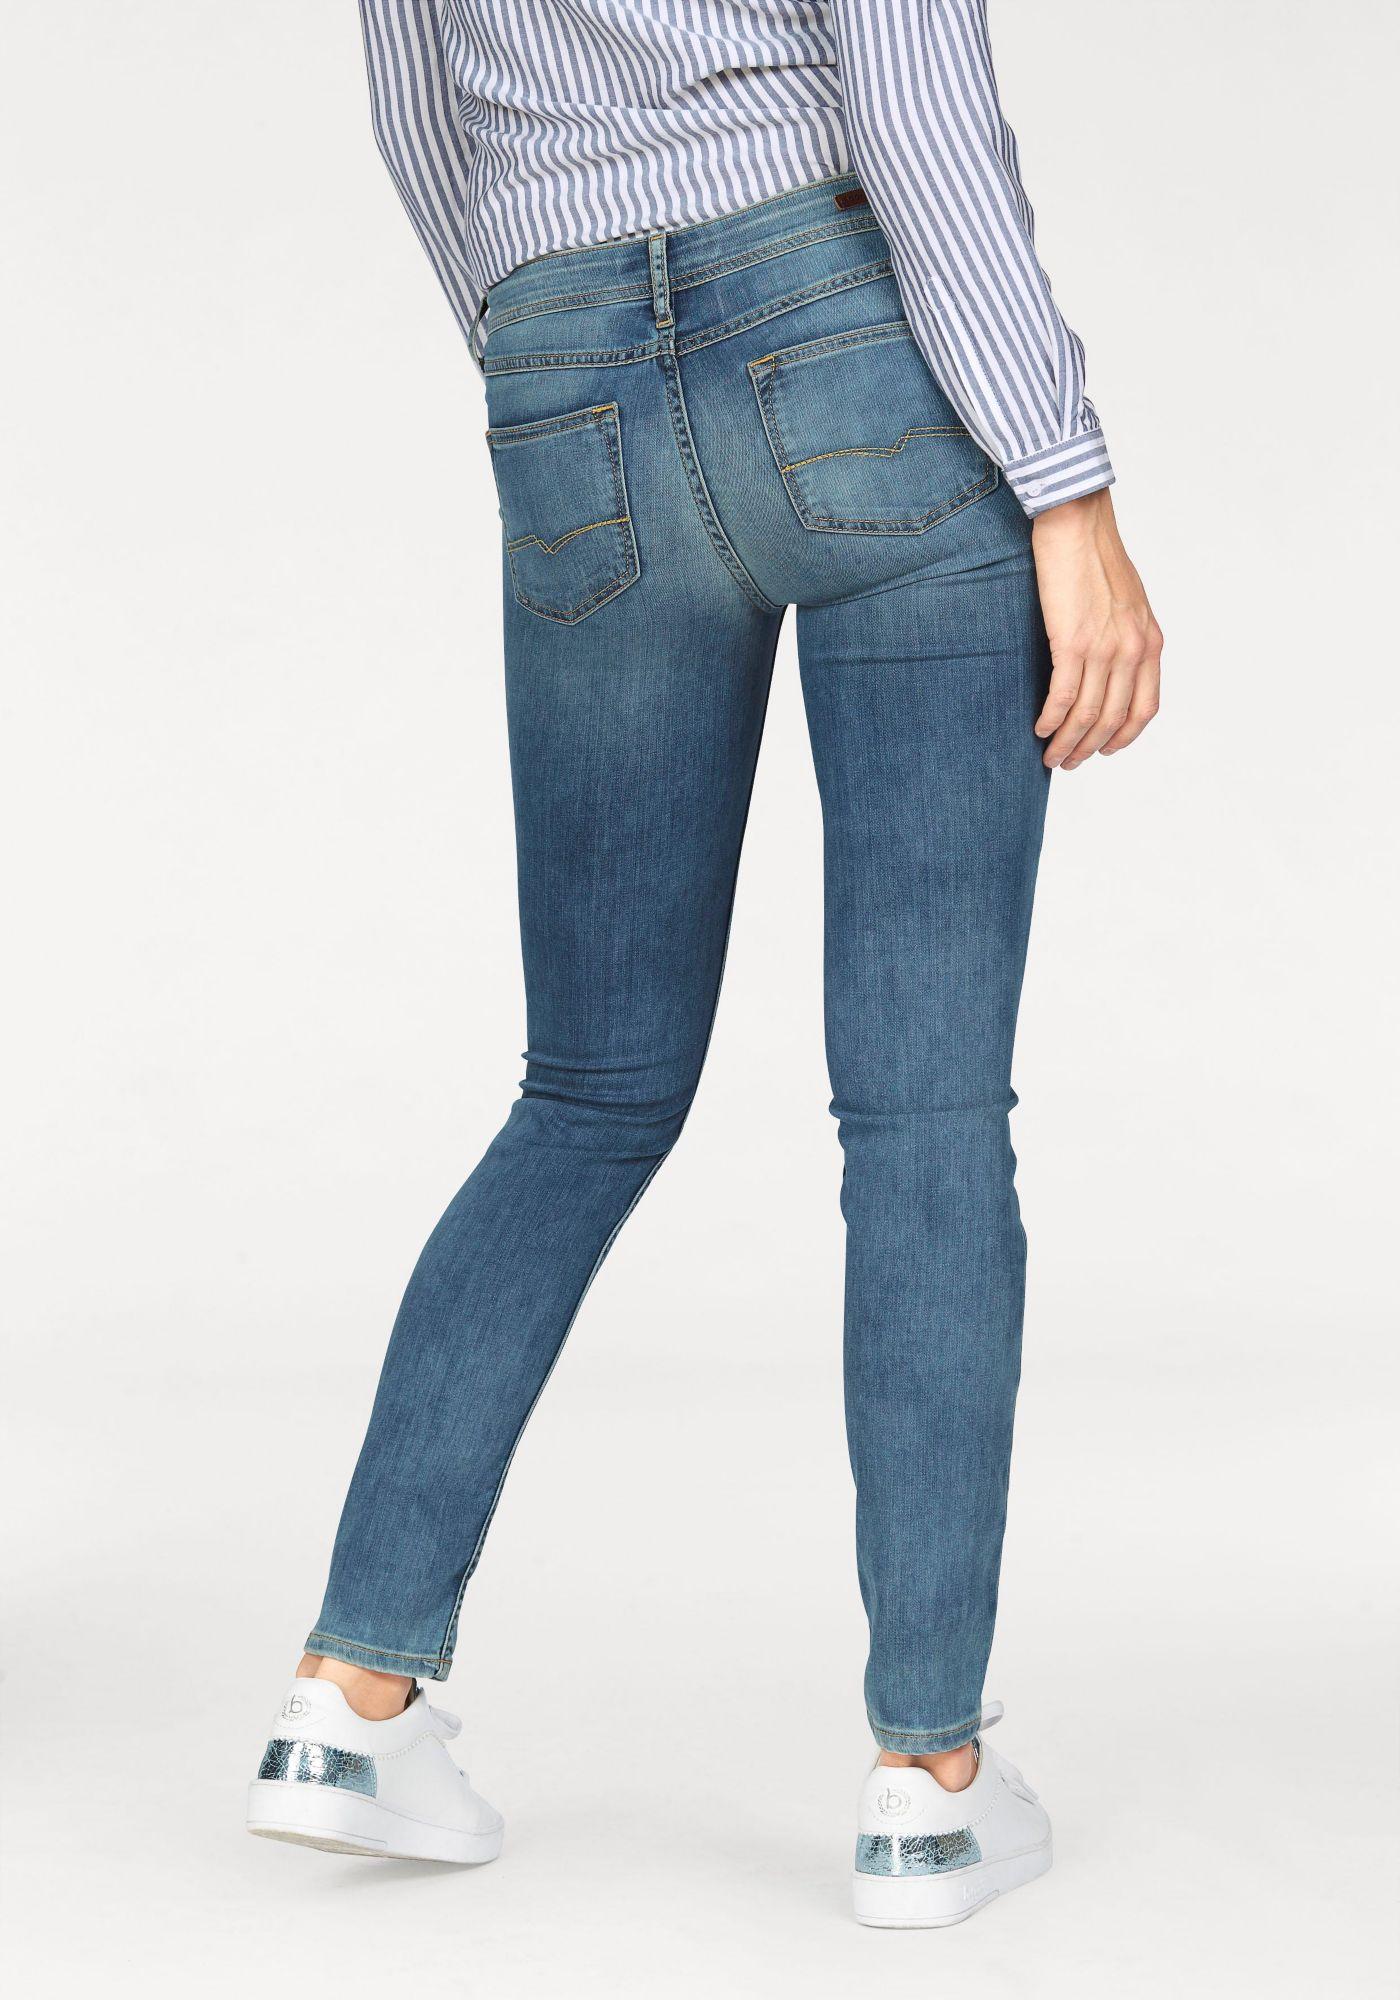 BOGNER JEANS Bogner Jeans Jeansjeggings »SO JEGGINS«